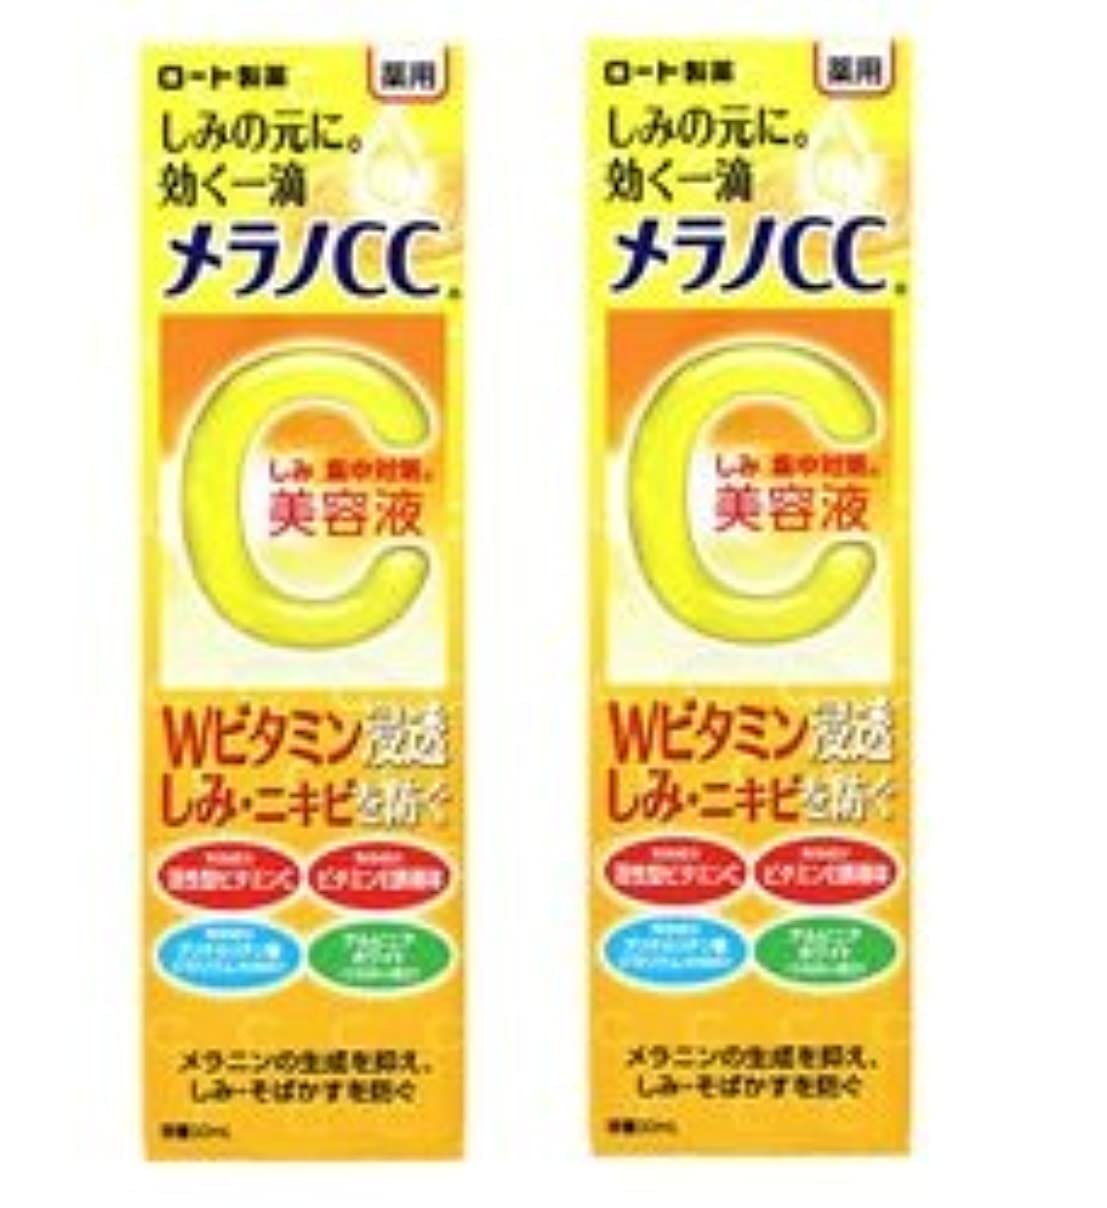 【2個セット】メラノCC 薬用しみ集中対策美容液 20ml